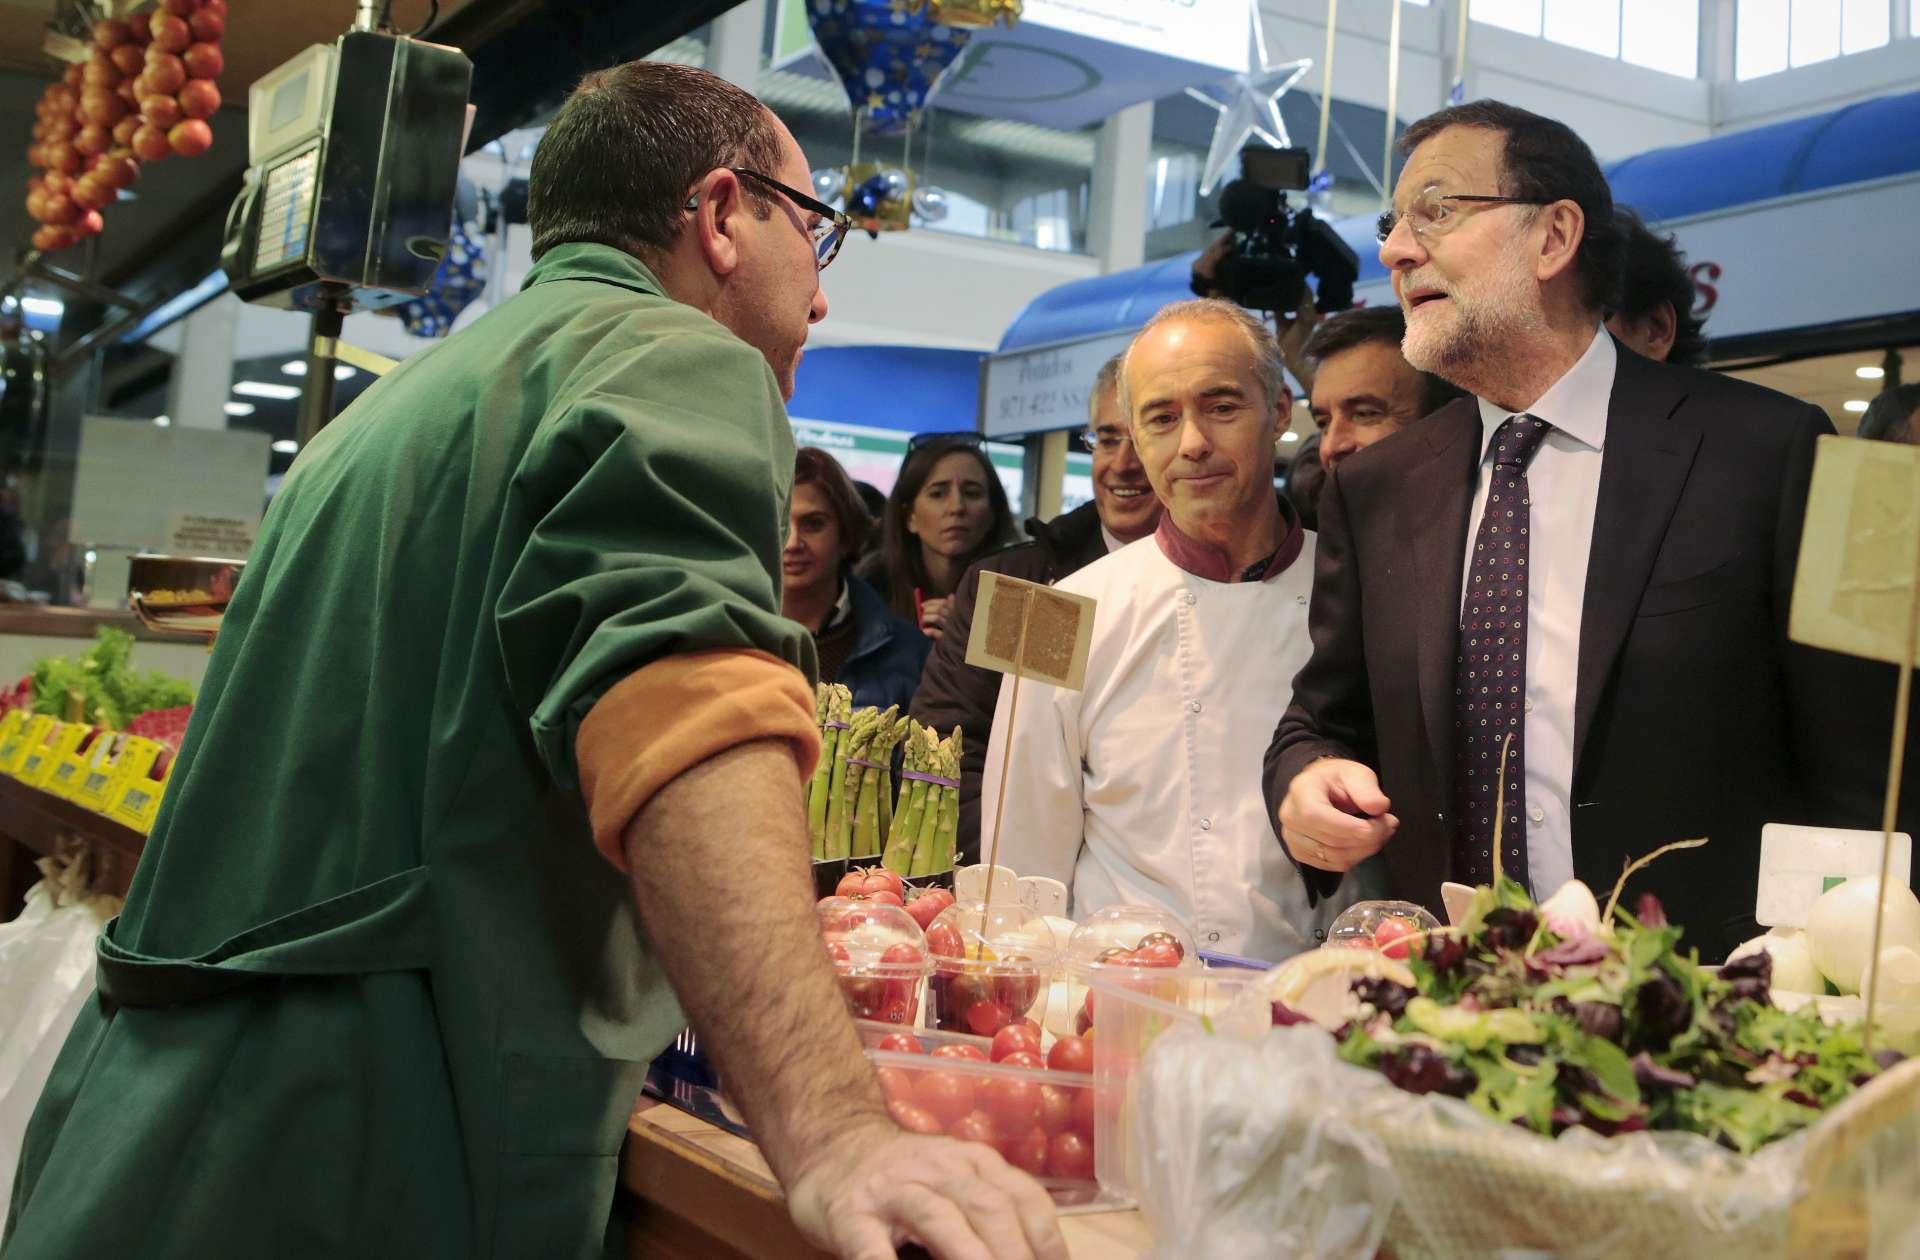 Mariano Rajoy en un mercado de Palma de Mallorca. Enrique Calvo. Reuters